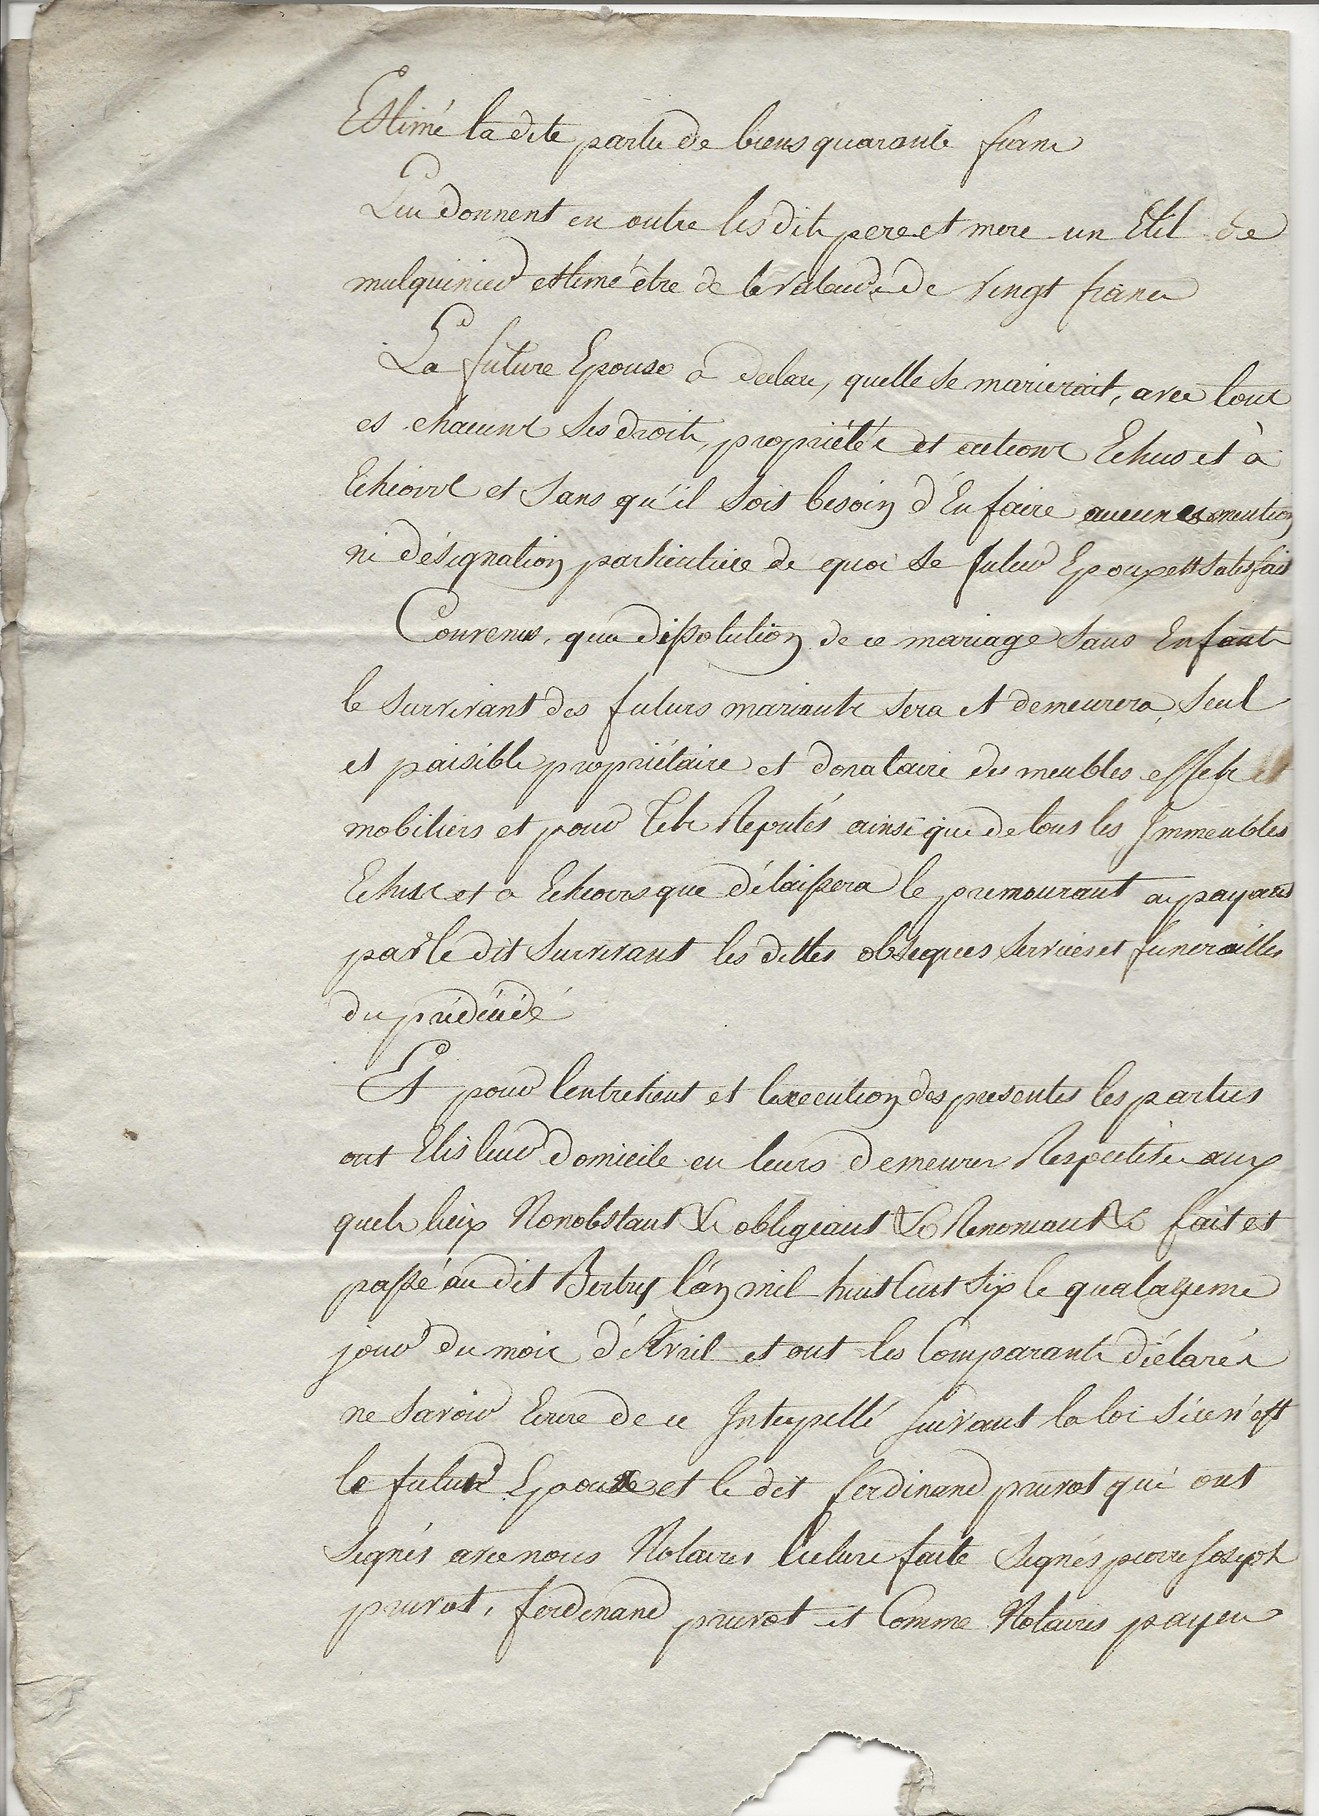 1806 mariage pierre jh pruvot x anne leducq 002